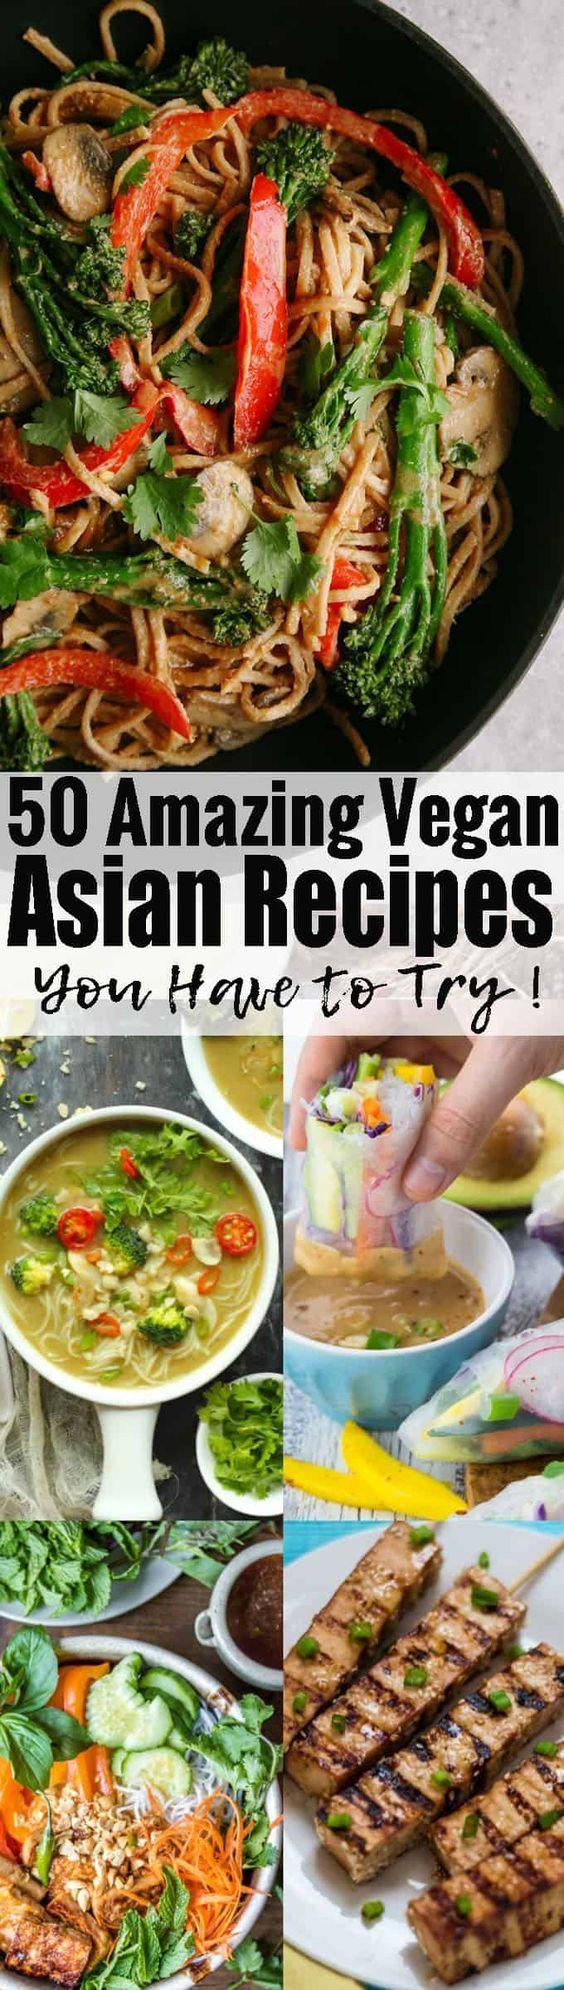 50 Amazing Vegan Asian Recipes Vegan Asian Recipes Asian Recipes Vegan Dinners